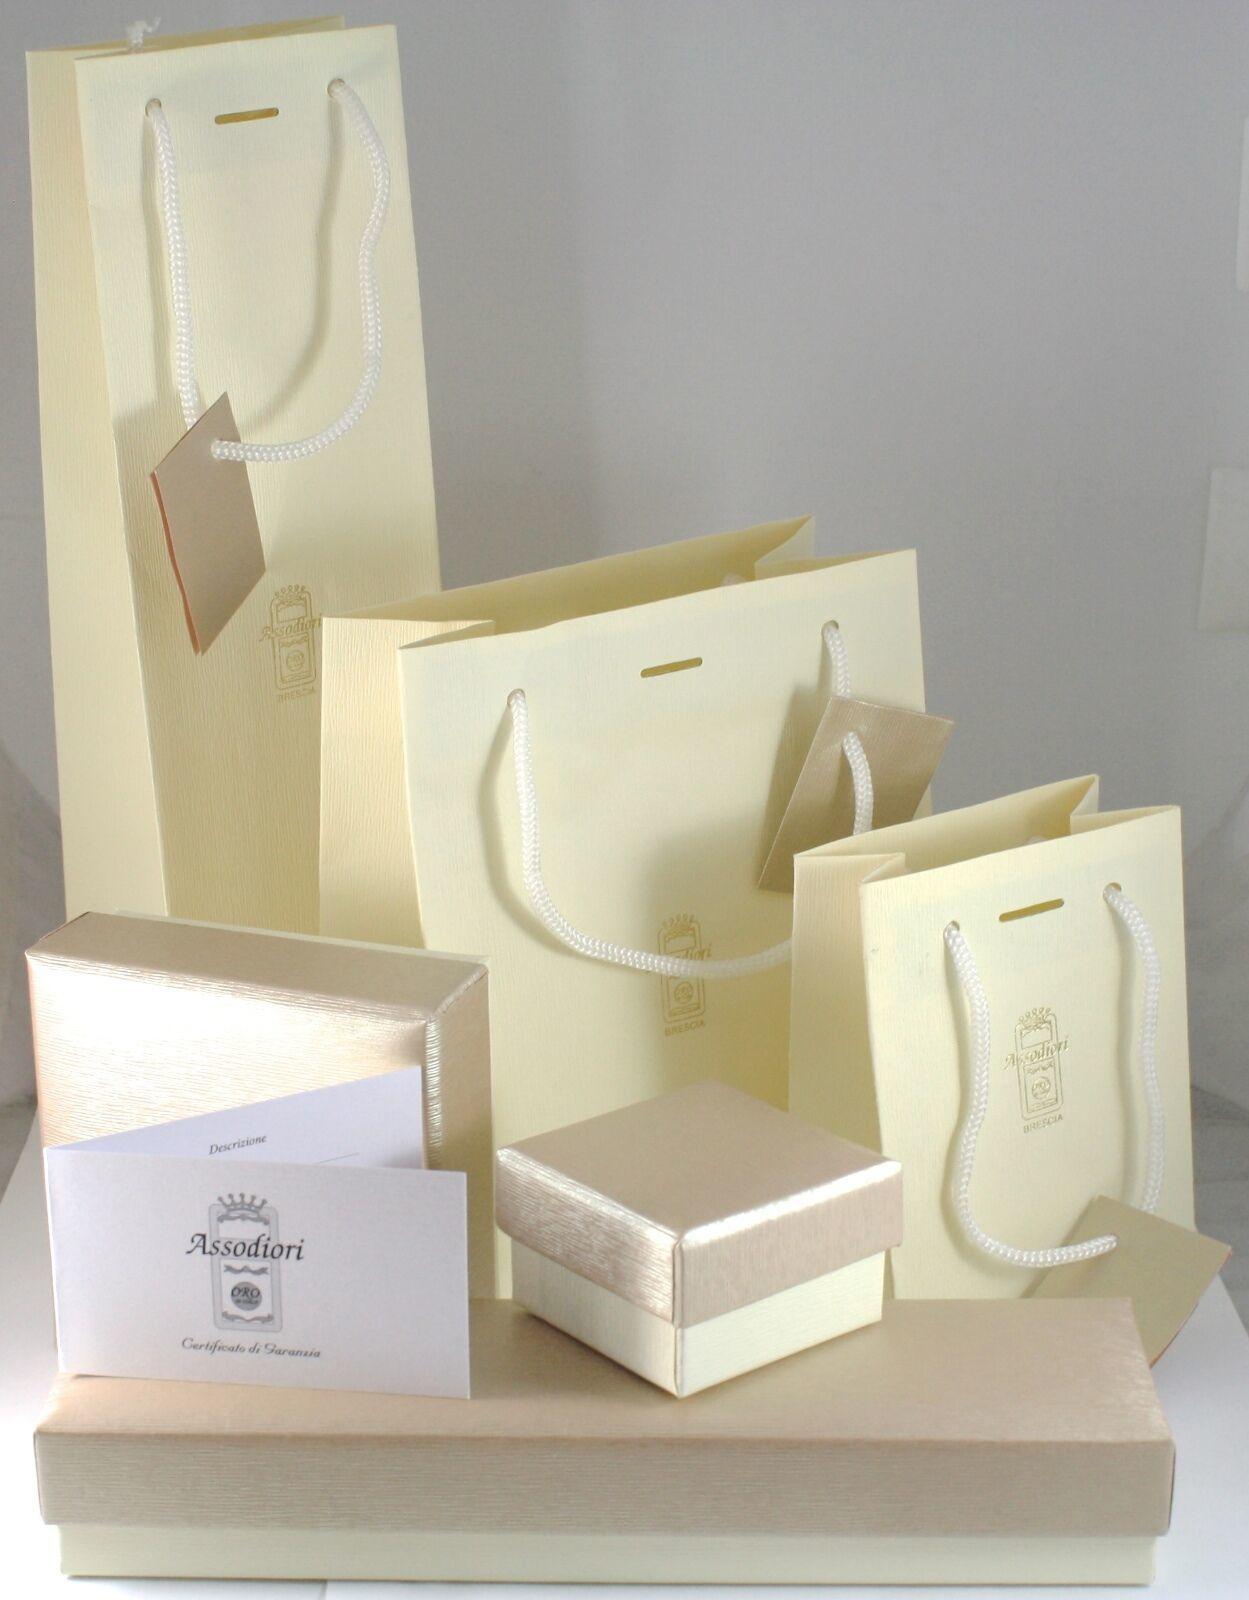 BRACELET WHITE GOLD 750 18K, WHITE PEARLS DIAMETER 4 E 10 MM, CHAIN VENETIAN